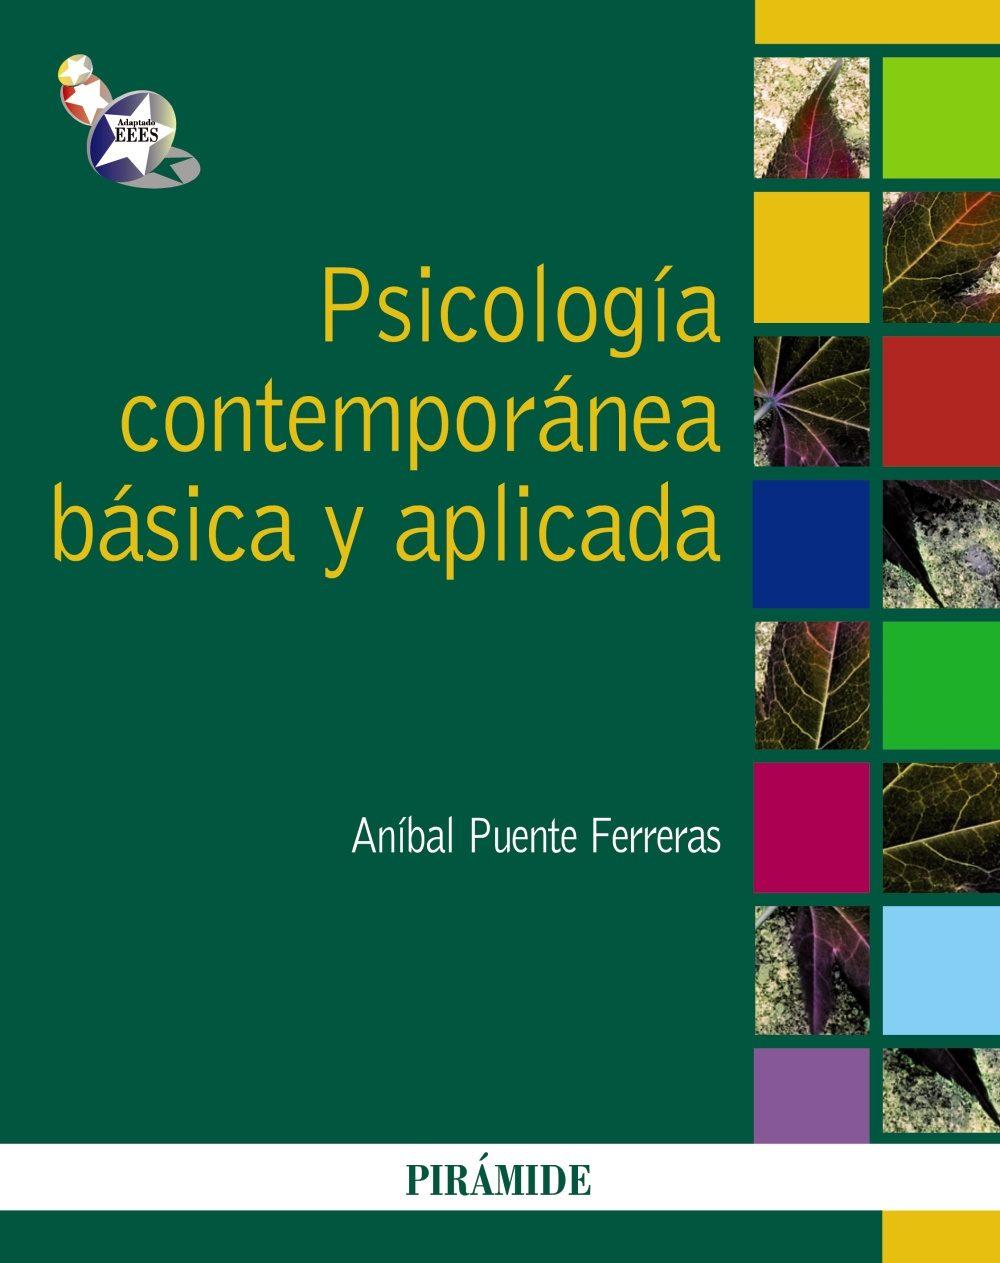 Psicologia contemporanea basica y aplicada; anibal puente ferreras